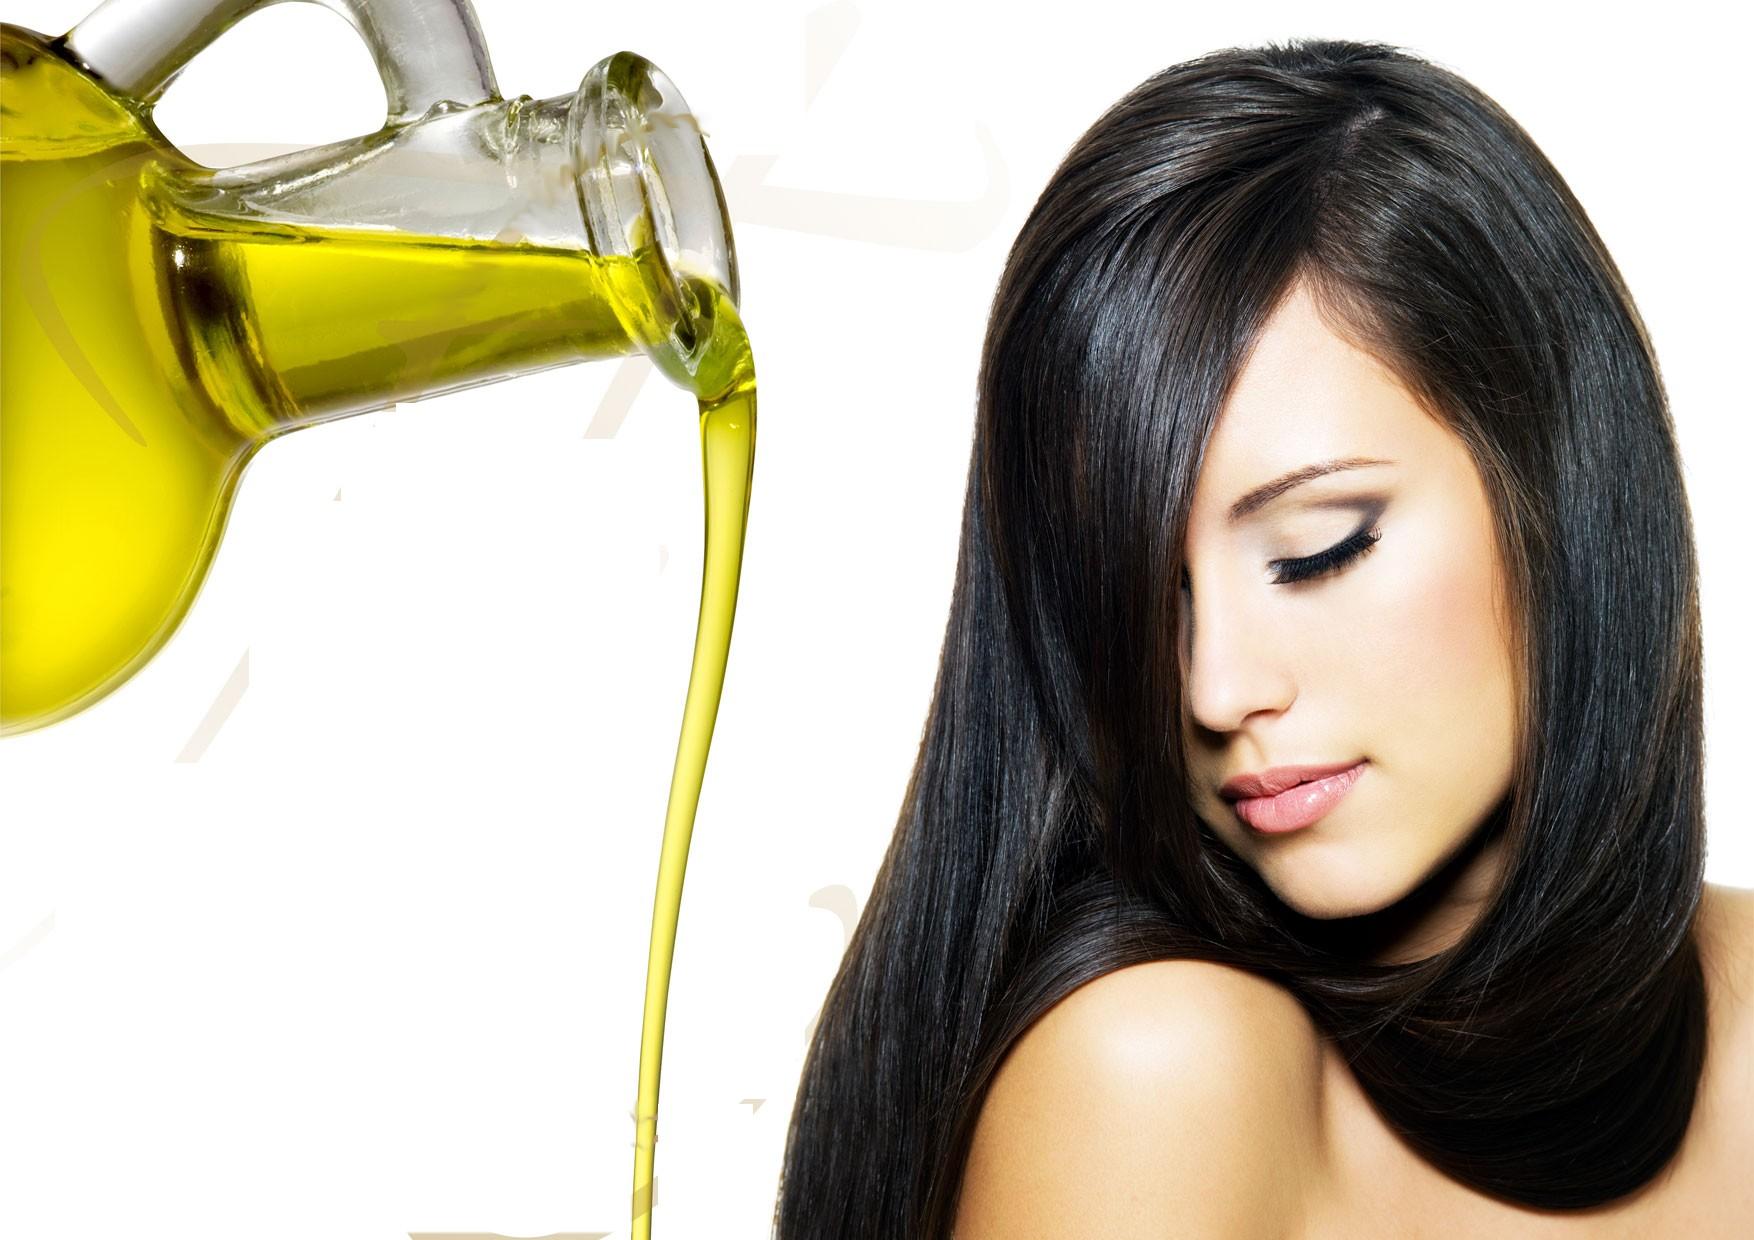 Полезно ли смазывать волосы оливковым маслом